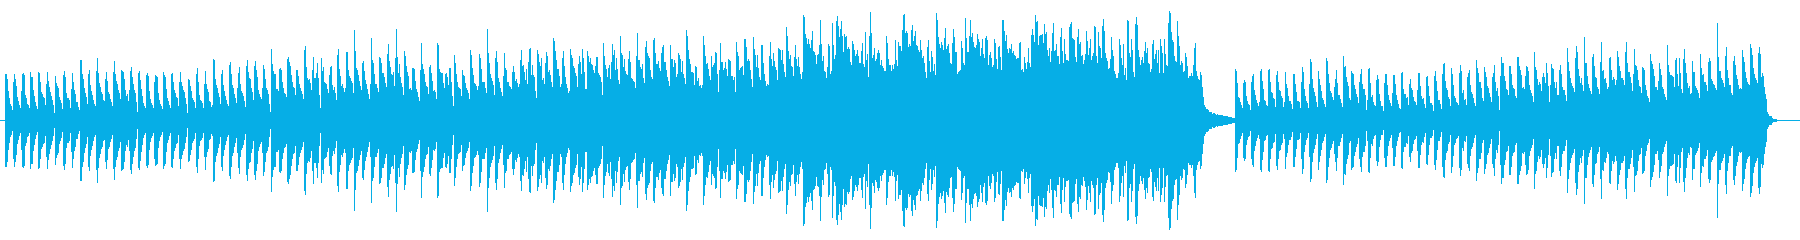 ゆっくりとしたピアノのバラードの再生済みの波形